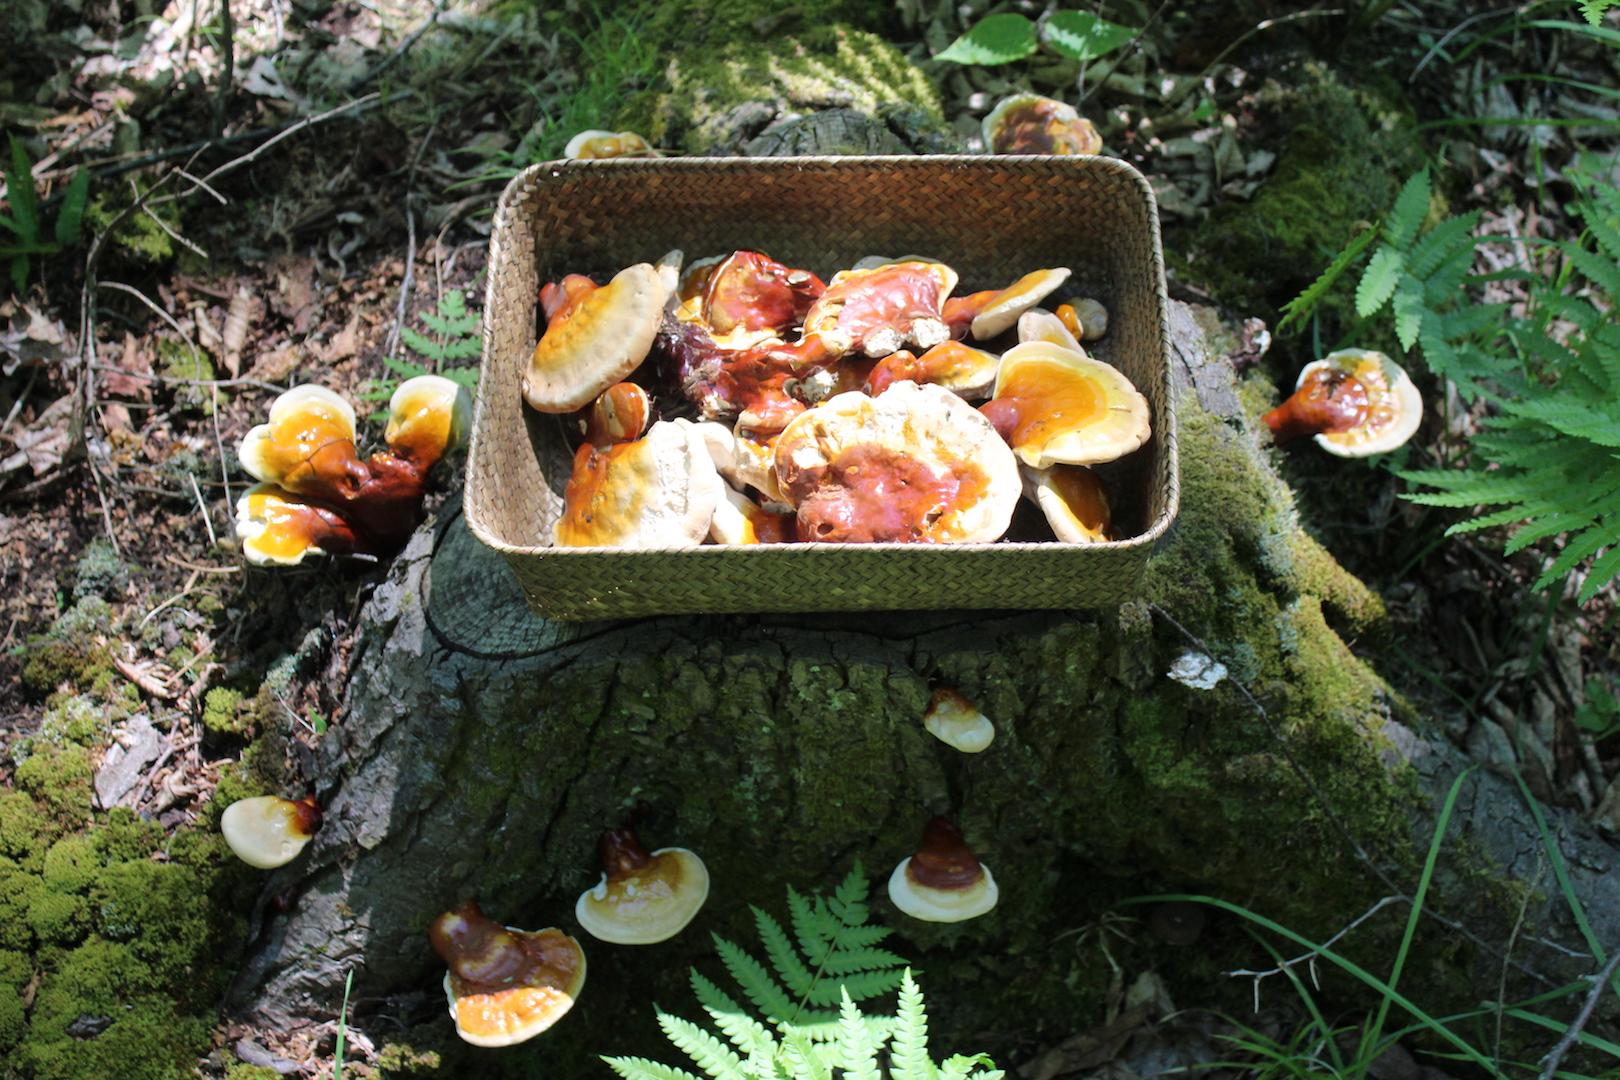 Basket full of freshly harvested reishi mushrooms